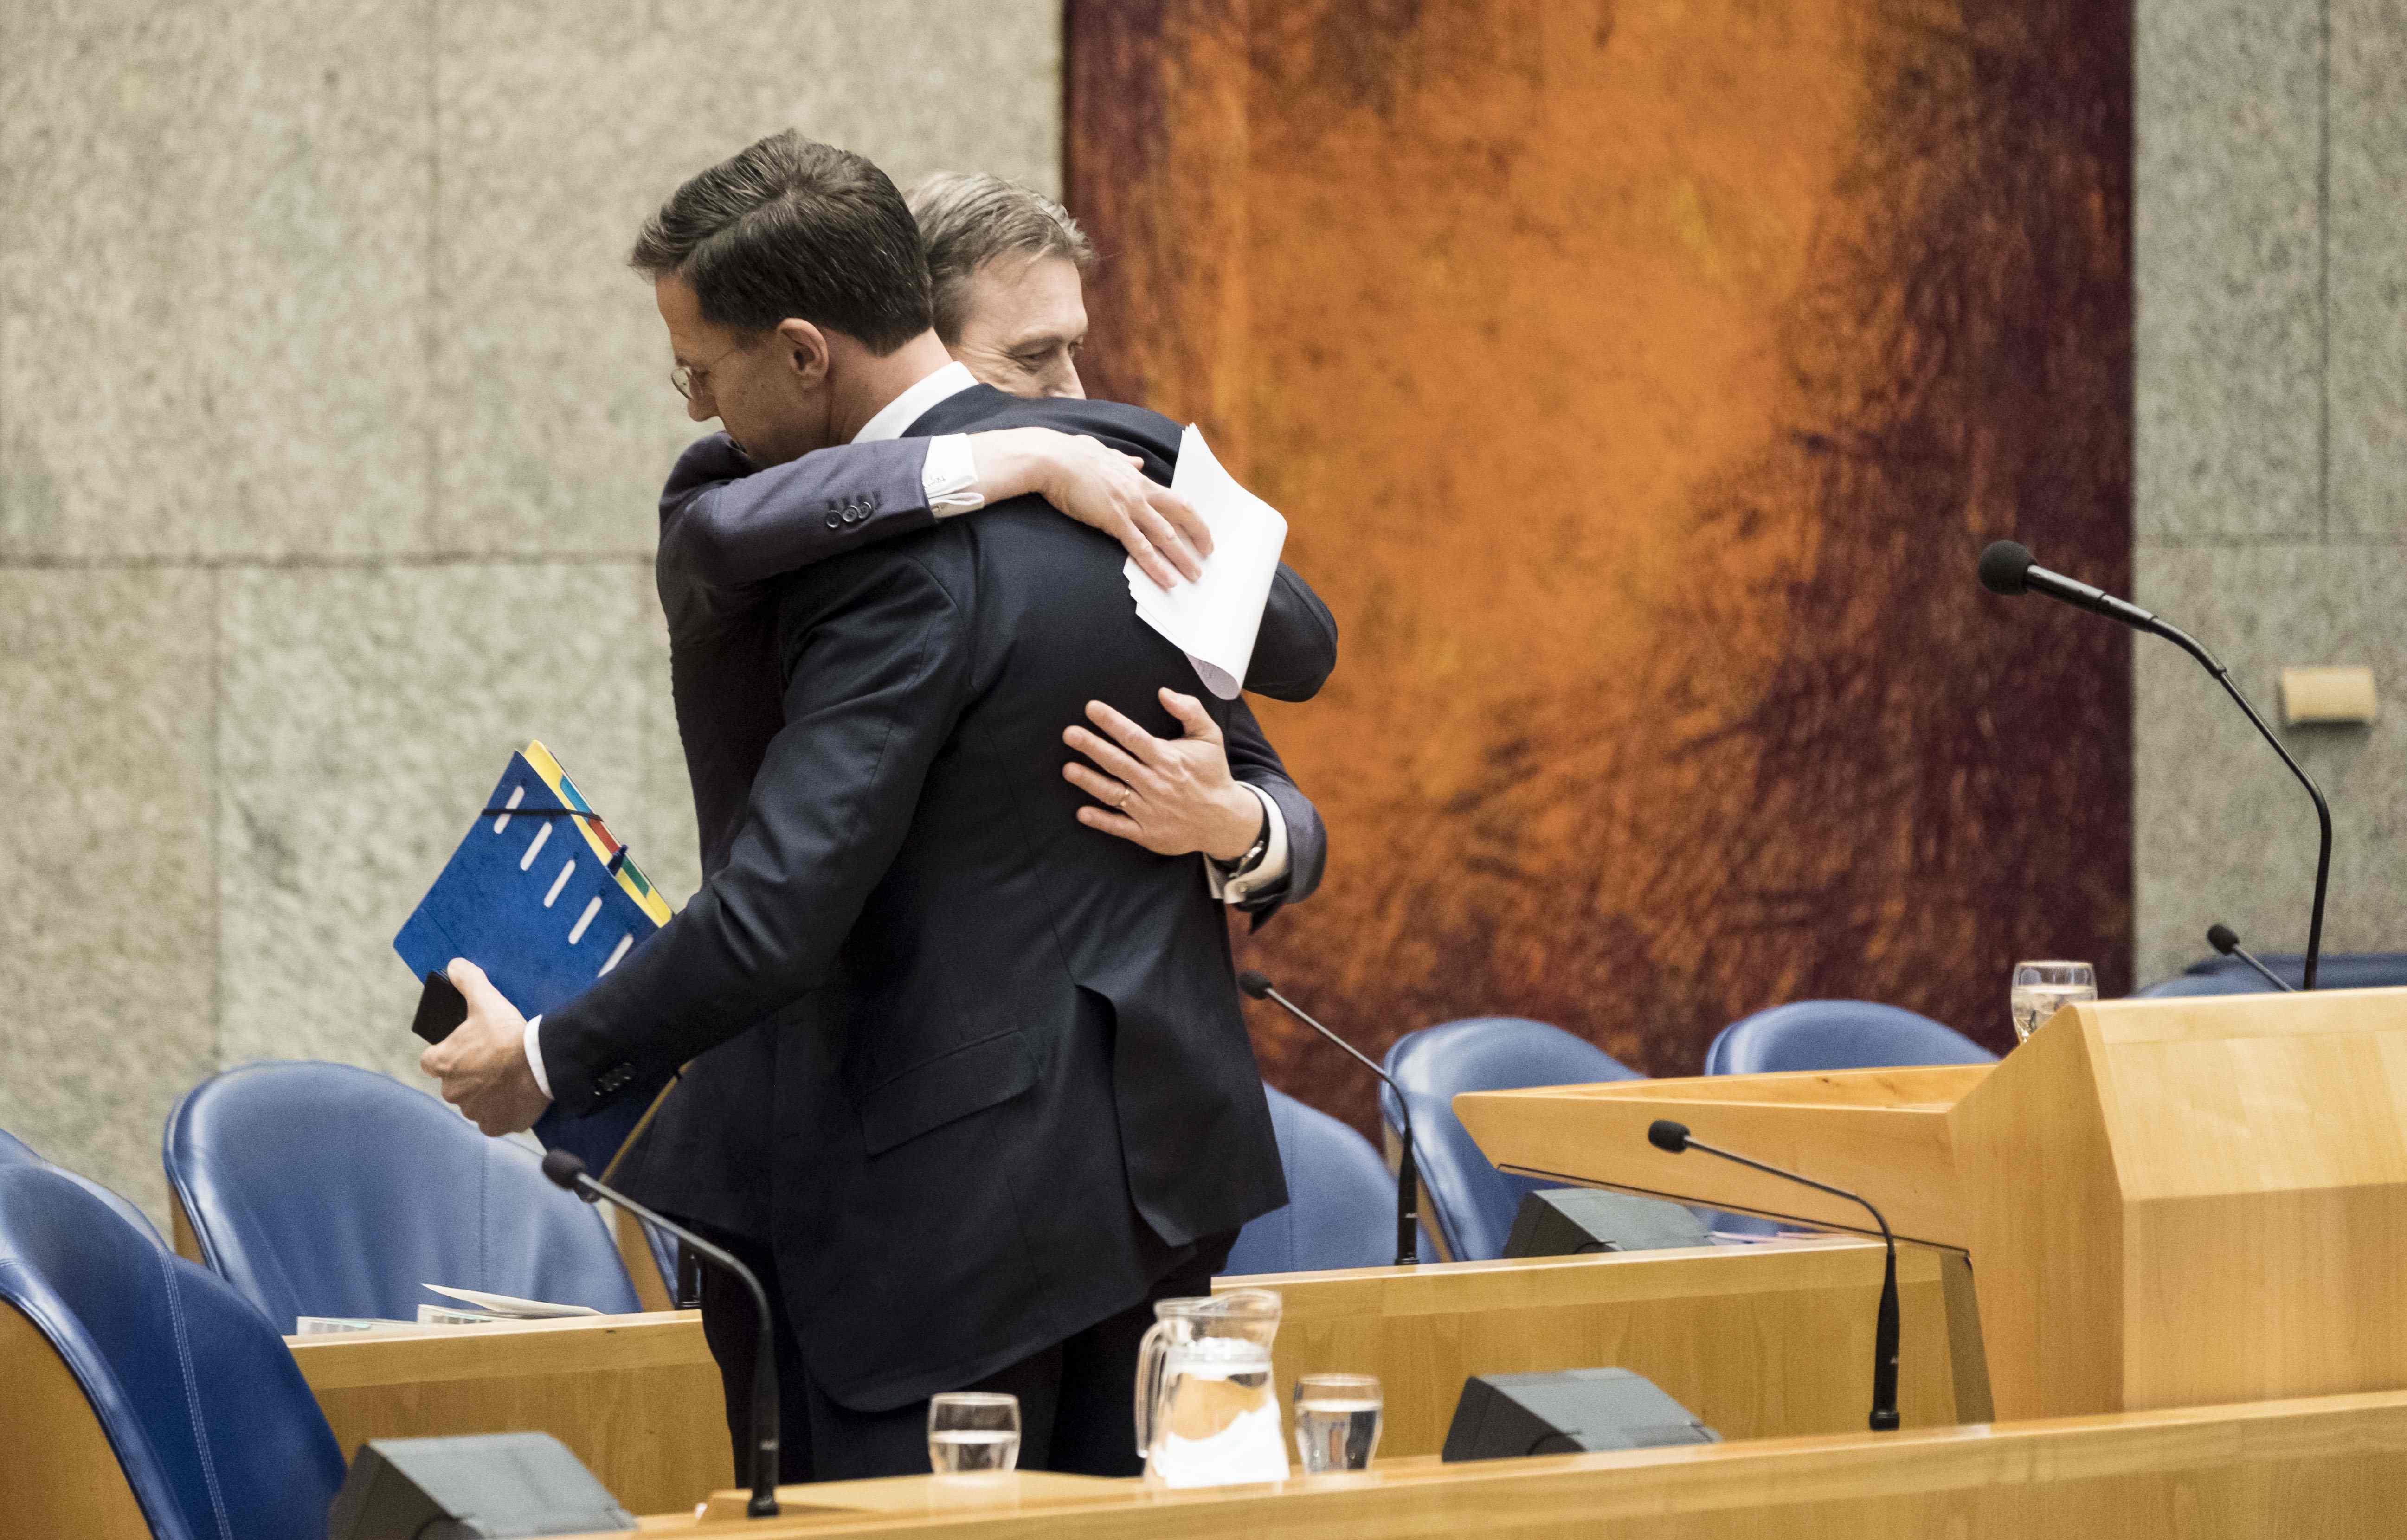 وزير الخارجية الهولندي هالب زيجلسترا يعانق رئيس الوزراء مارك روت